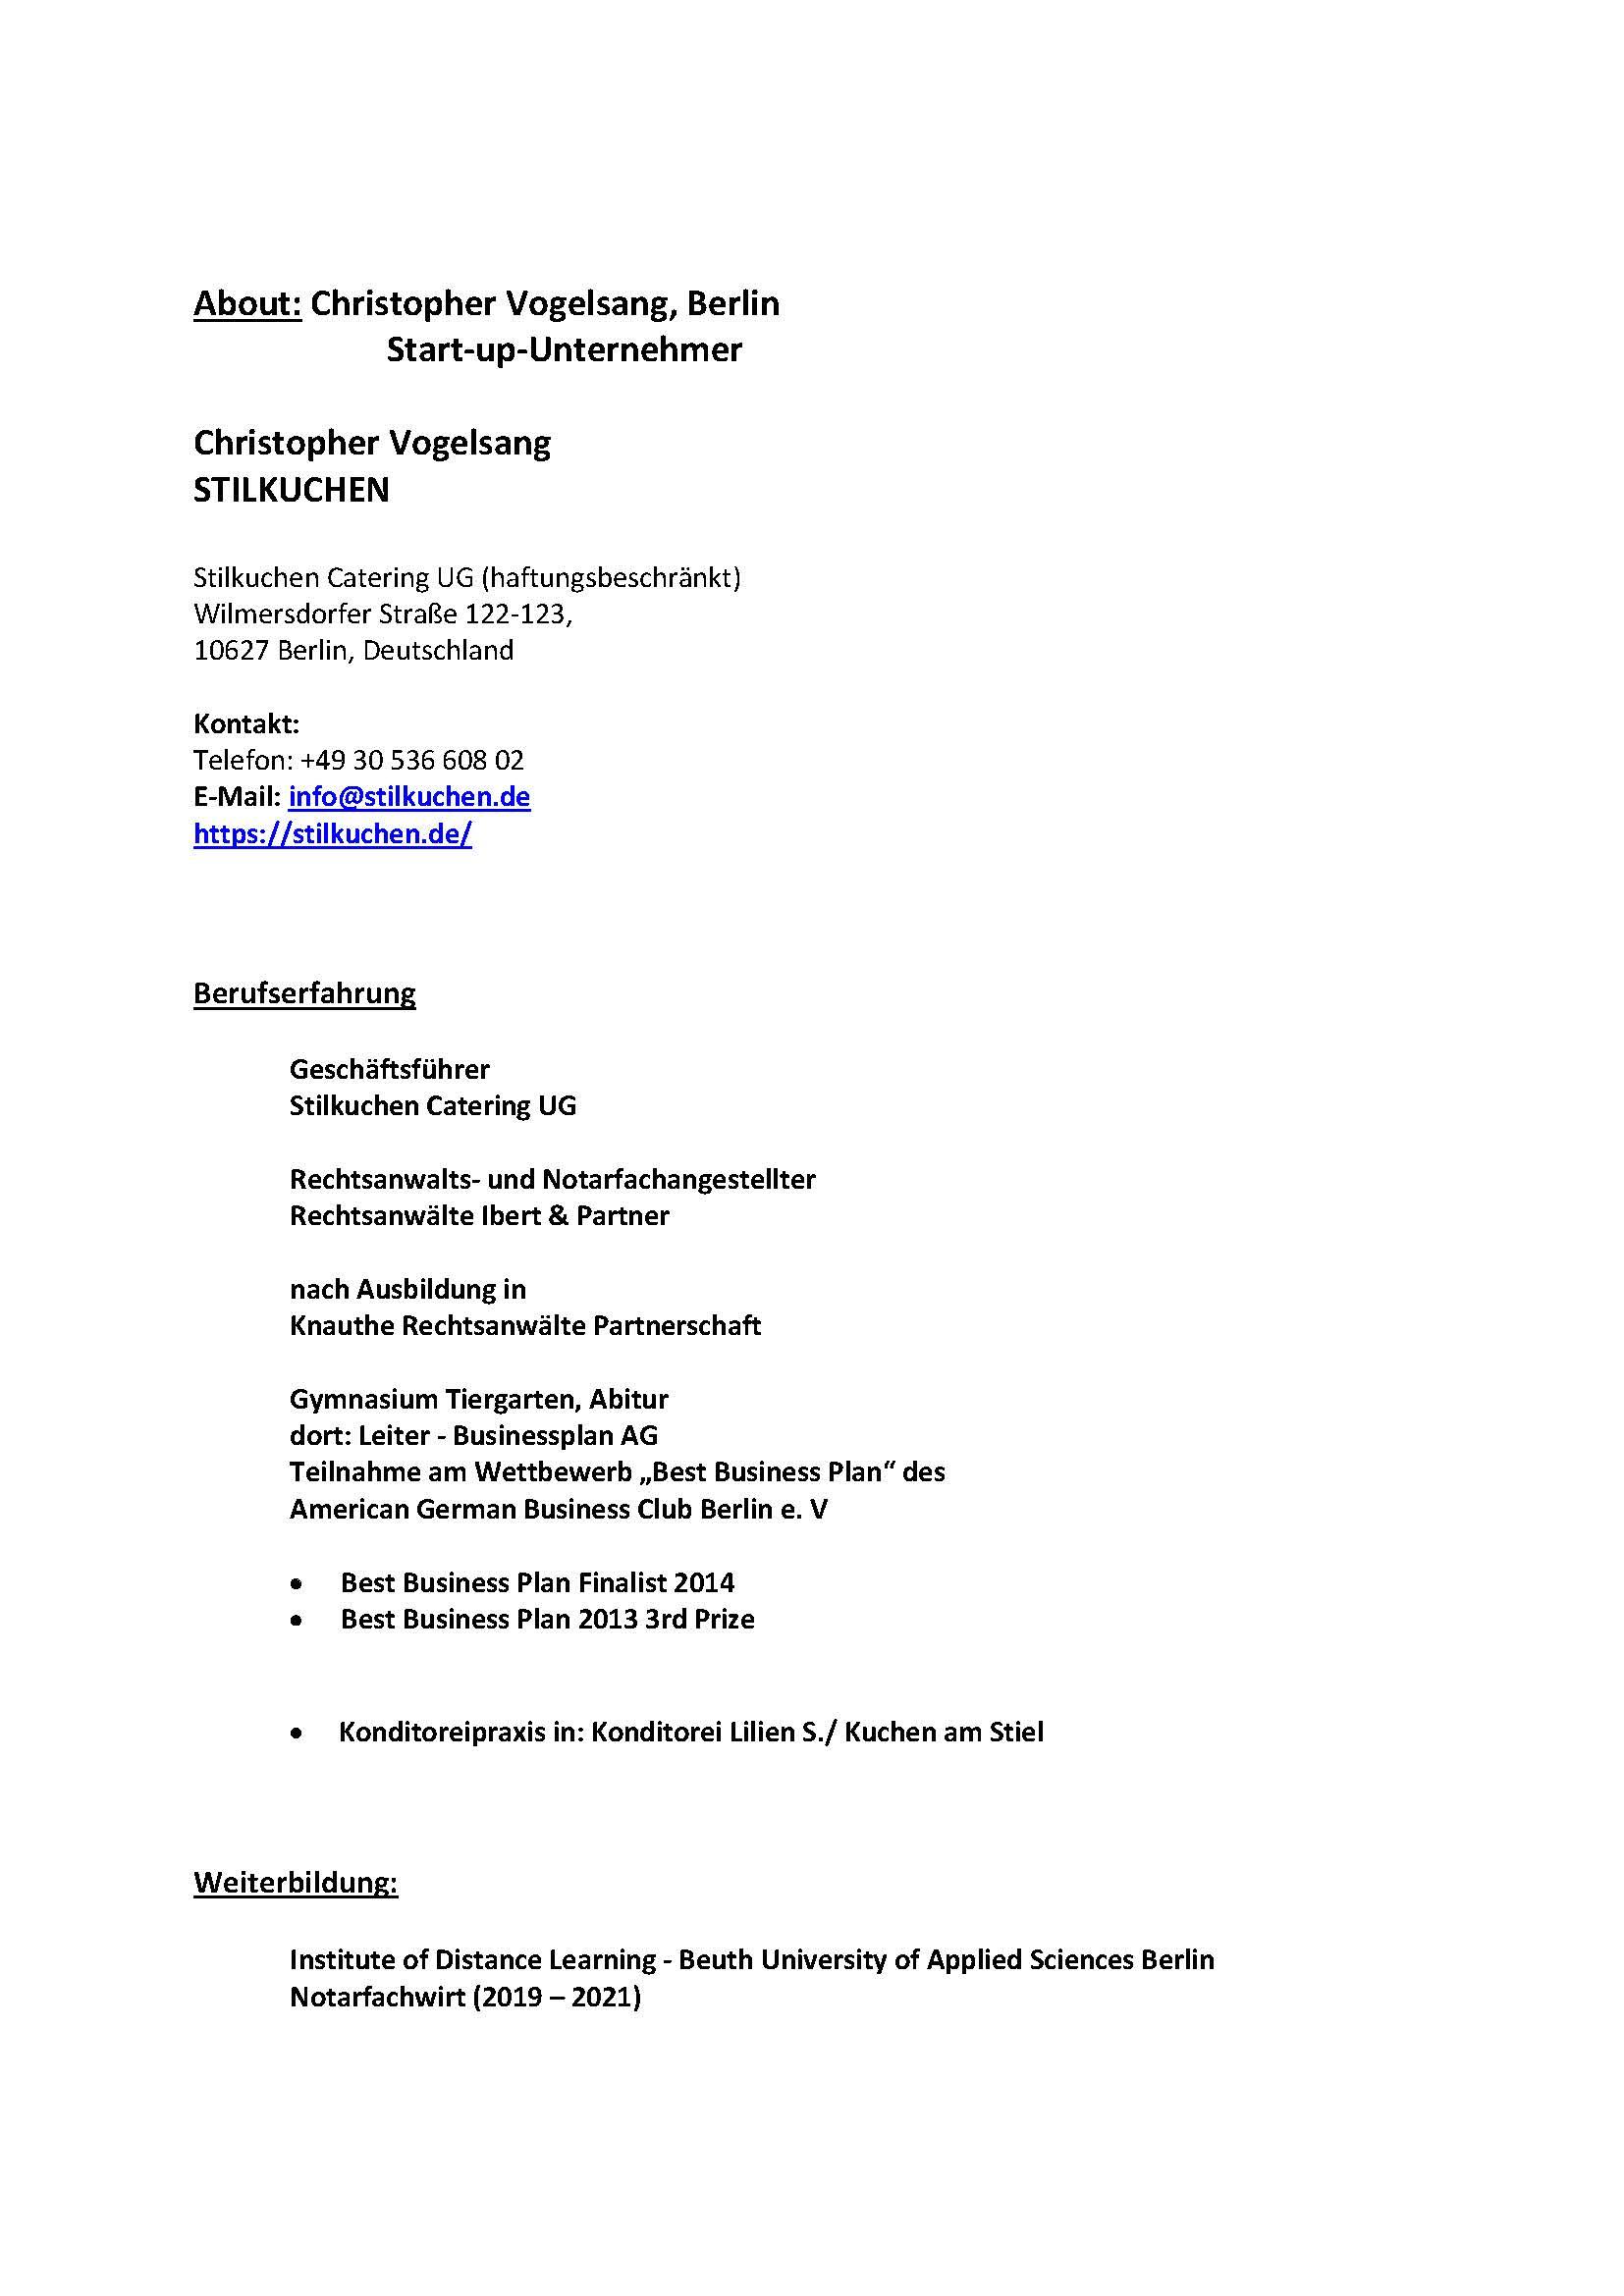 About Christopher Vogelsang - Berliner Stilkuchen